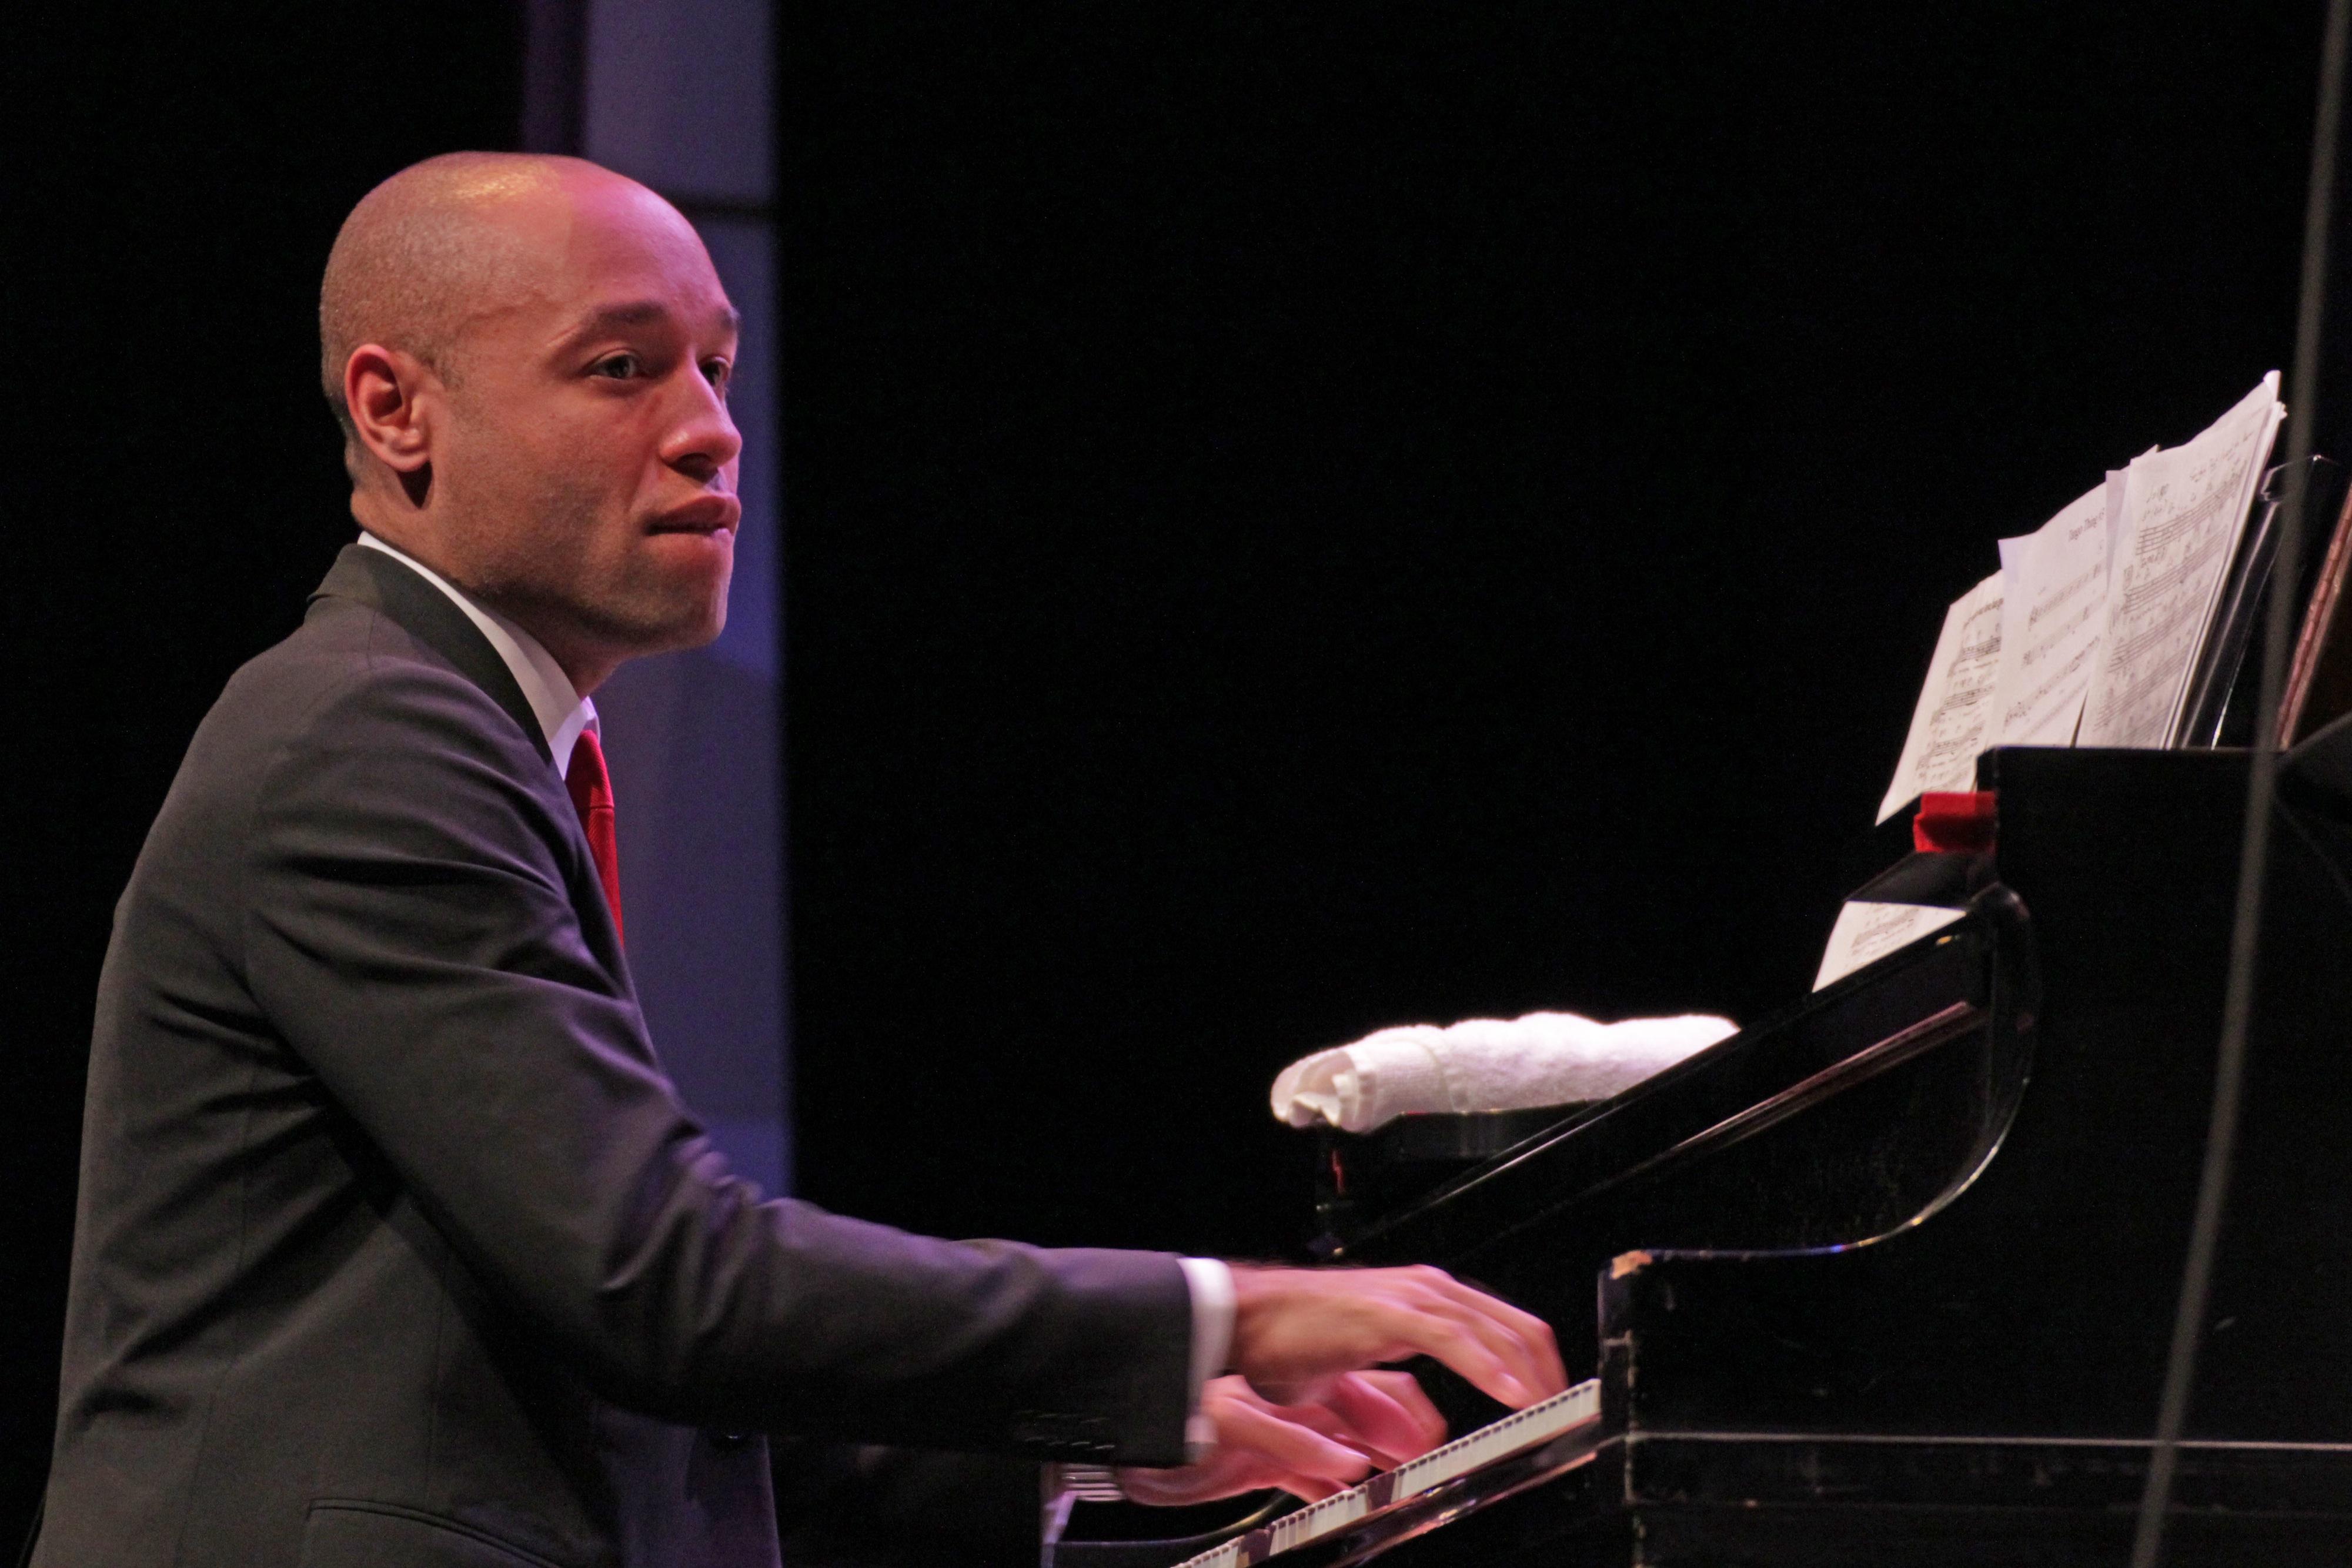 Aaron diehl at tri-c jazzfest cleveland 2013